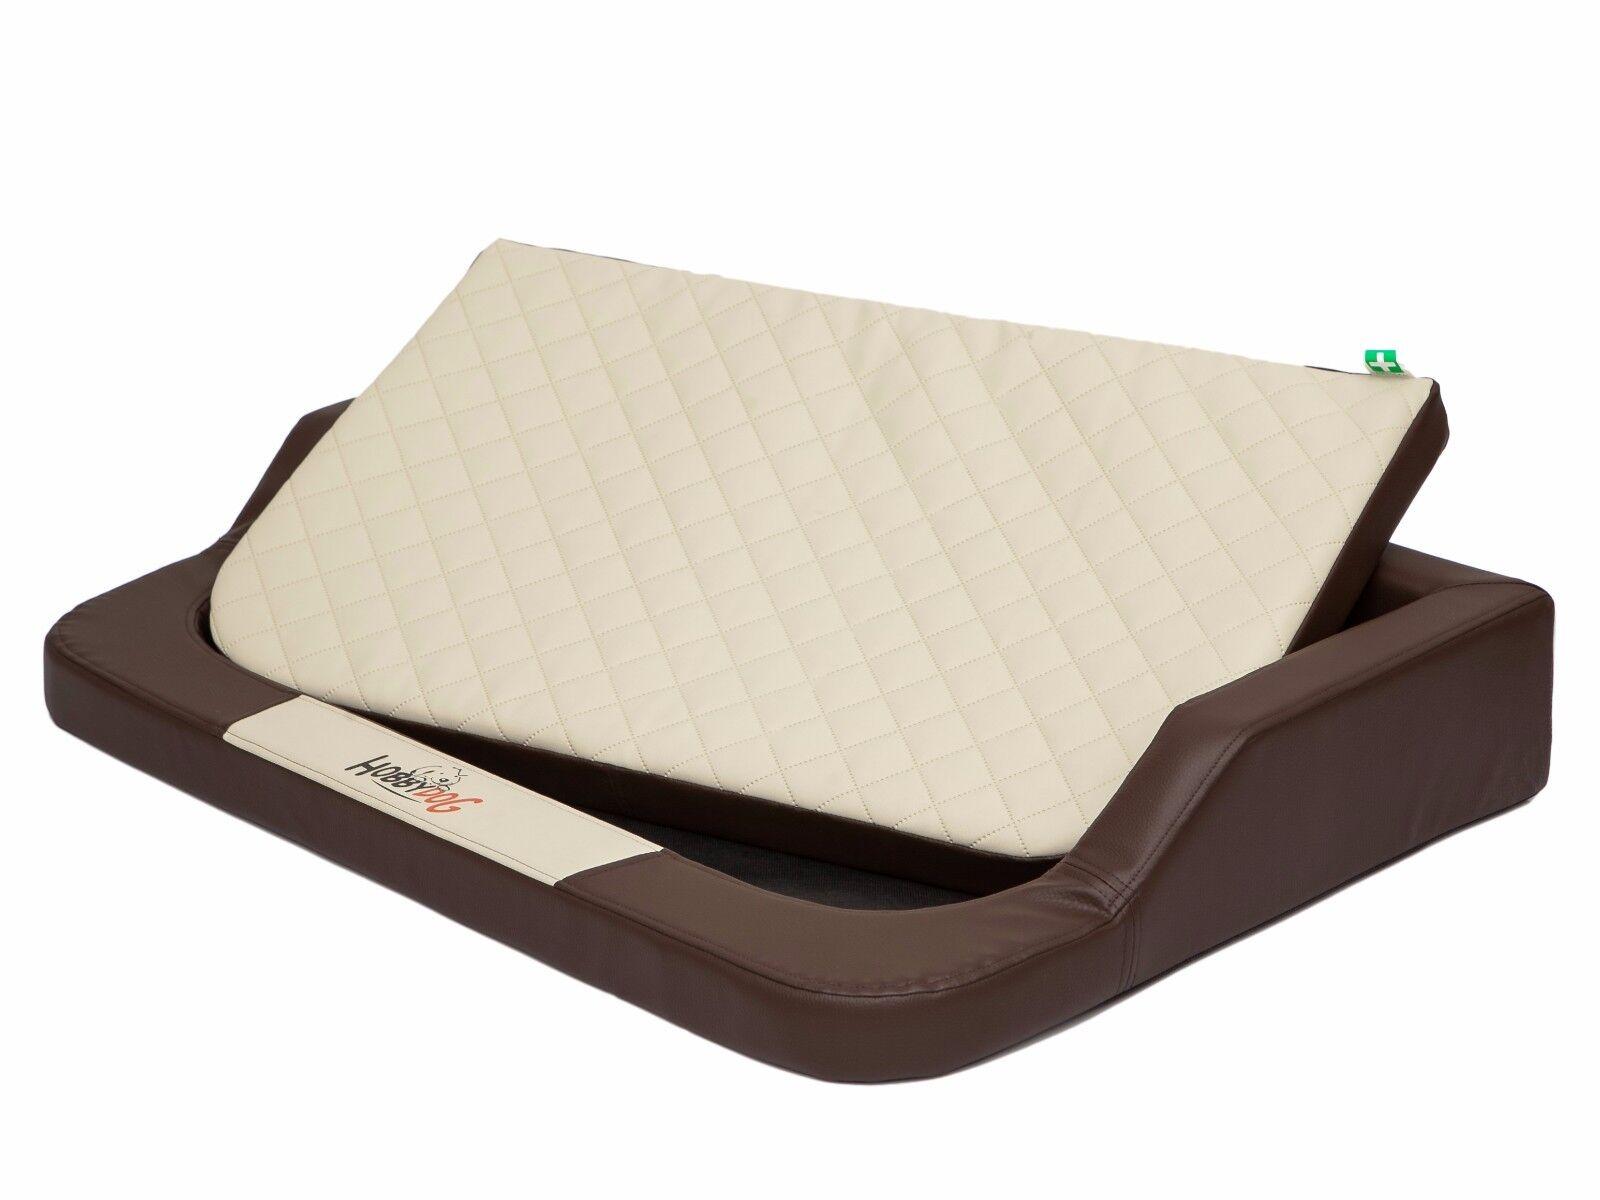 GRANDE letto letto letto Cane Tappetino Luxury è ECO PELLE GRANDE DIVANO memory foam unico 49f7f5